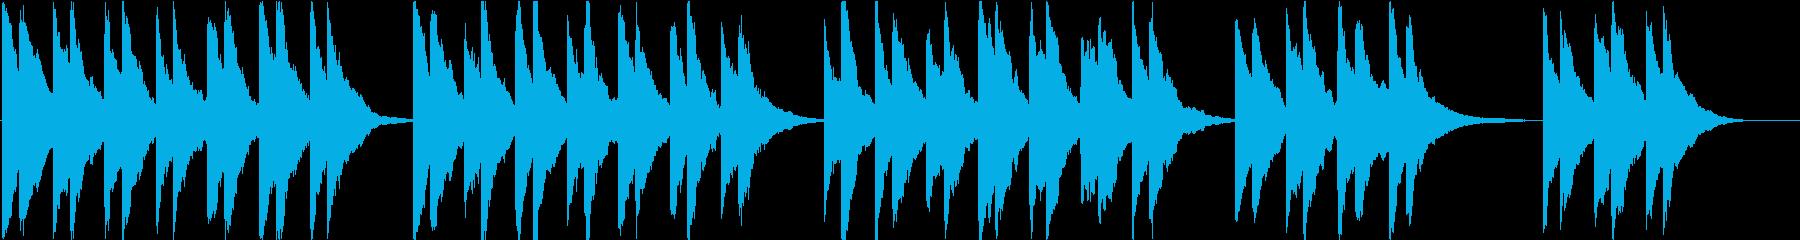 時報・チャイム風の名曲のメロディ・5の再生済みの波形